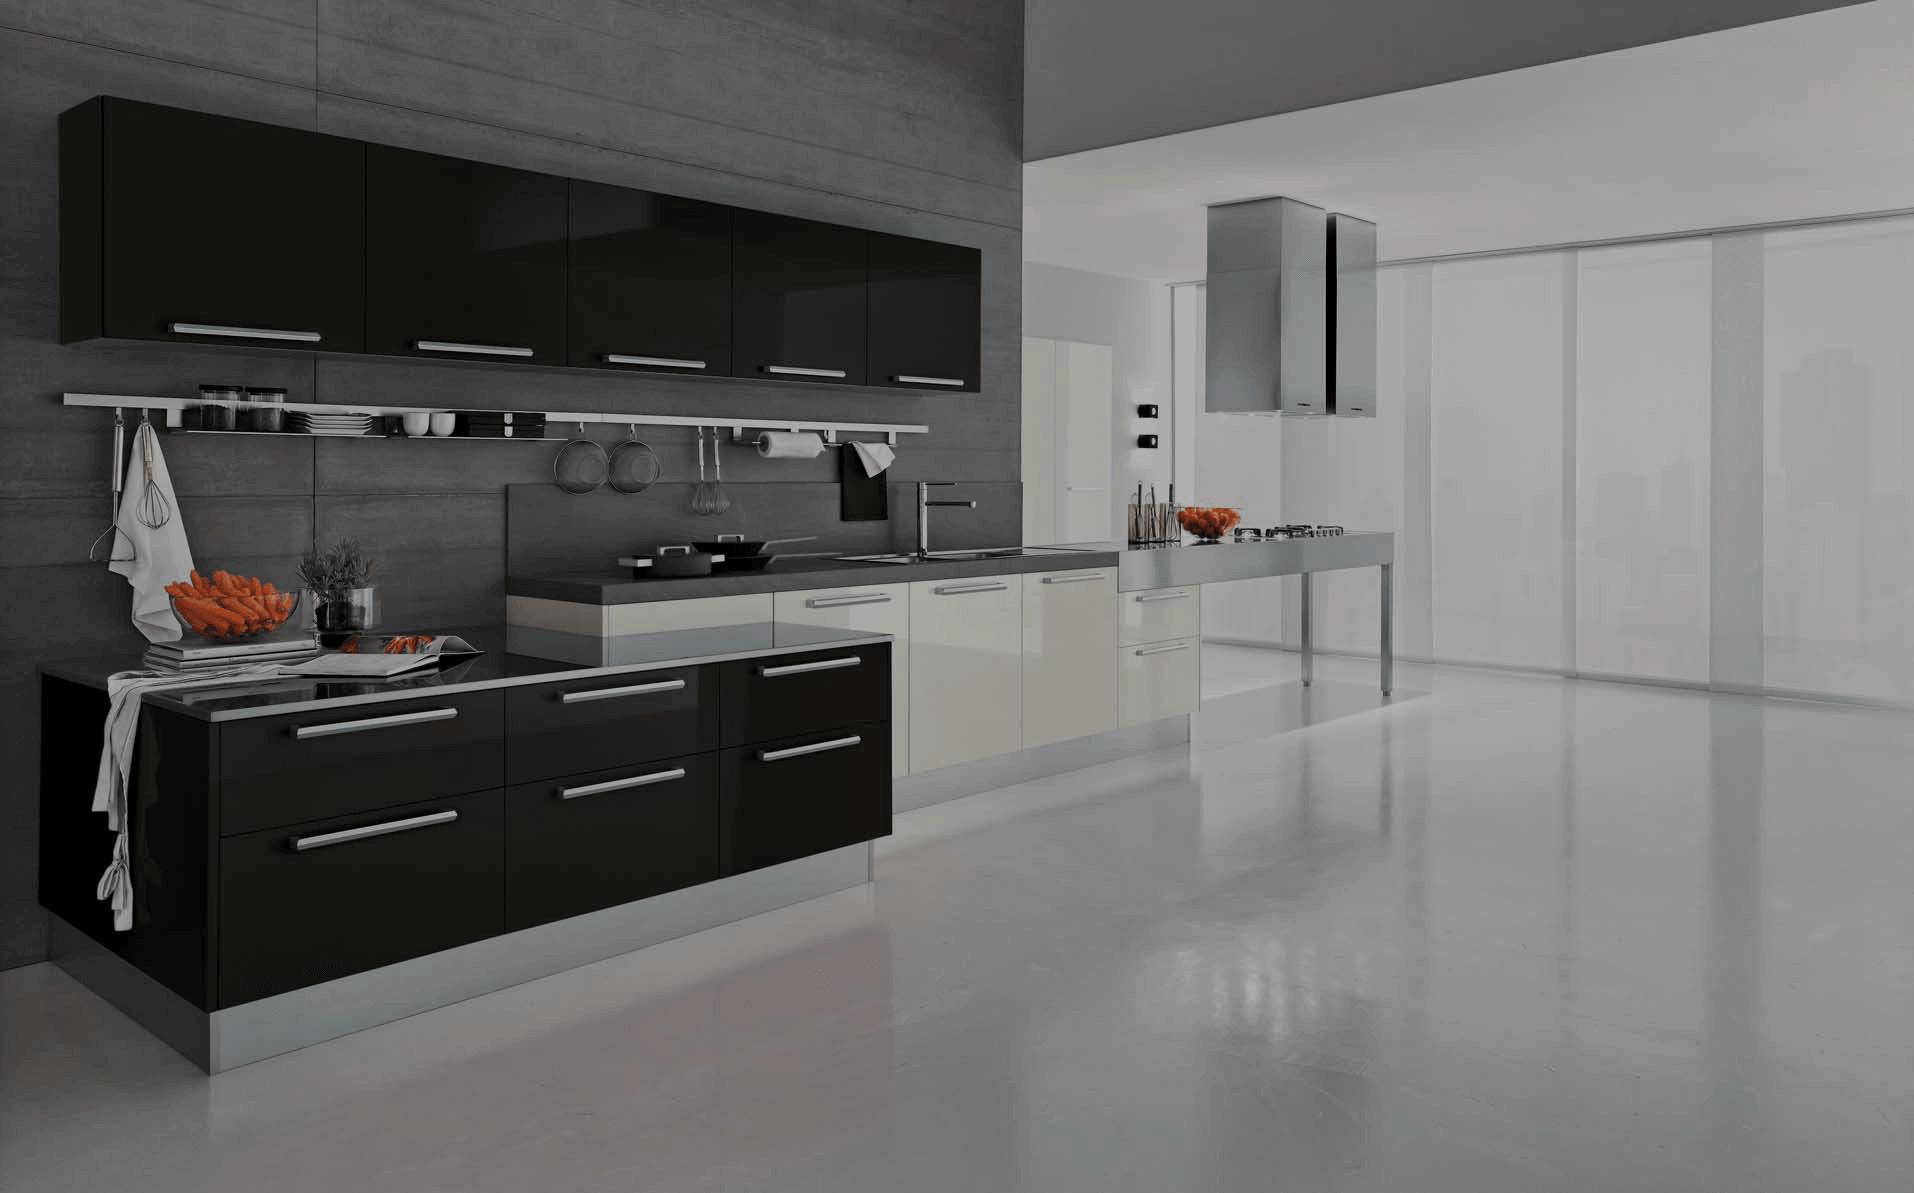 Kitchen Luxurious Modern Designer One Wall Kitchen Images Modern Kitchen  Design